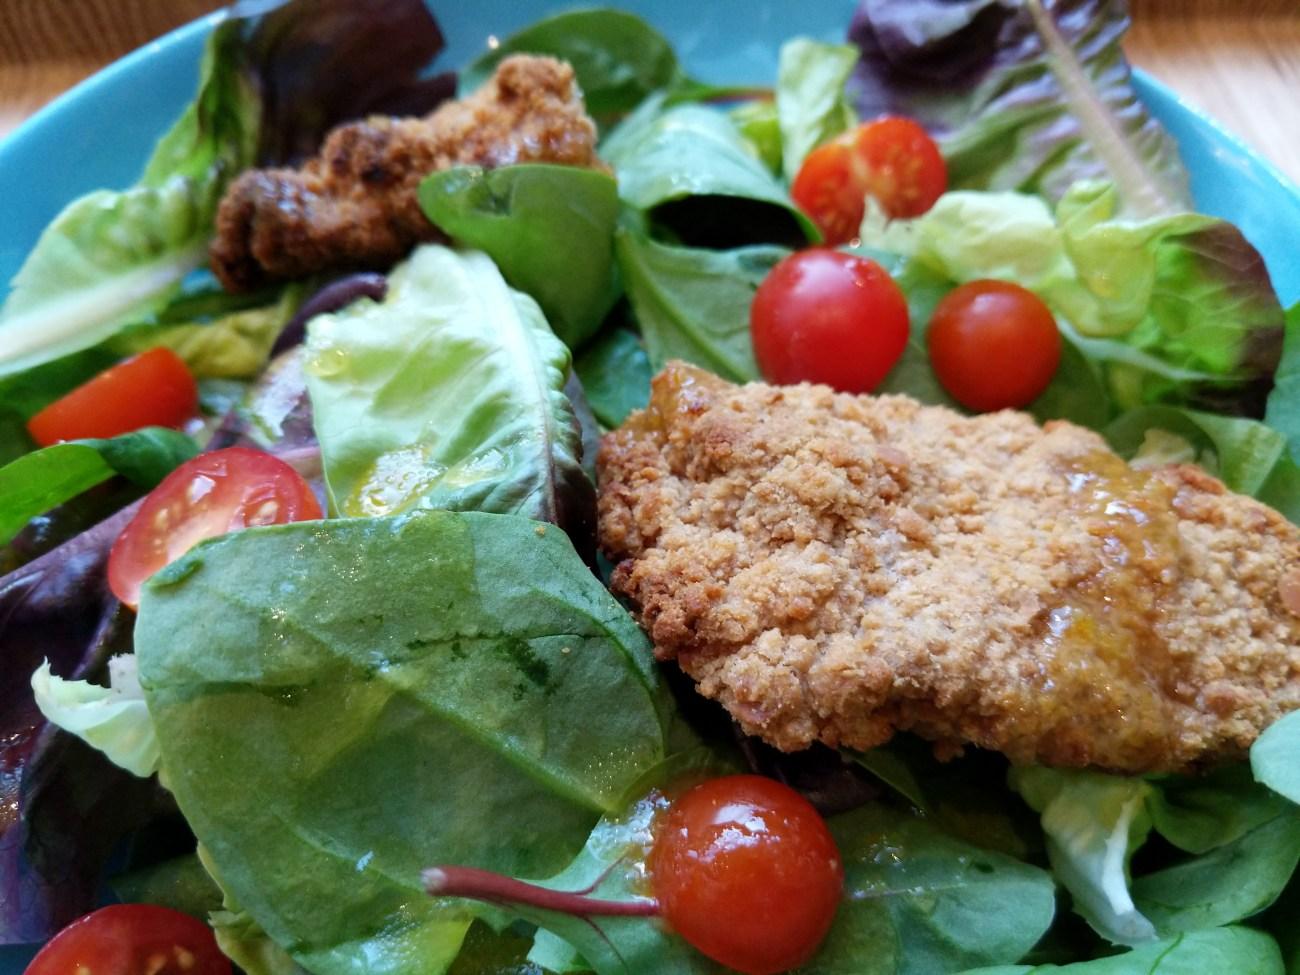 Styrian Breaded Chicken Salad